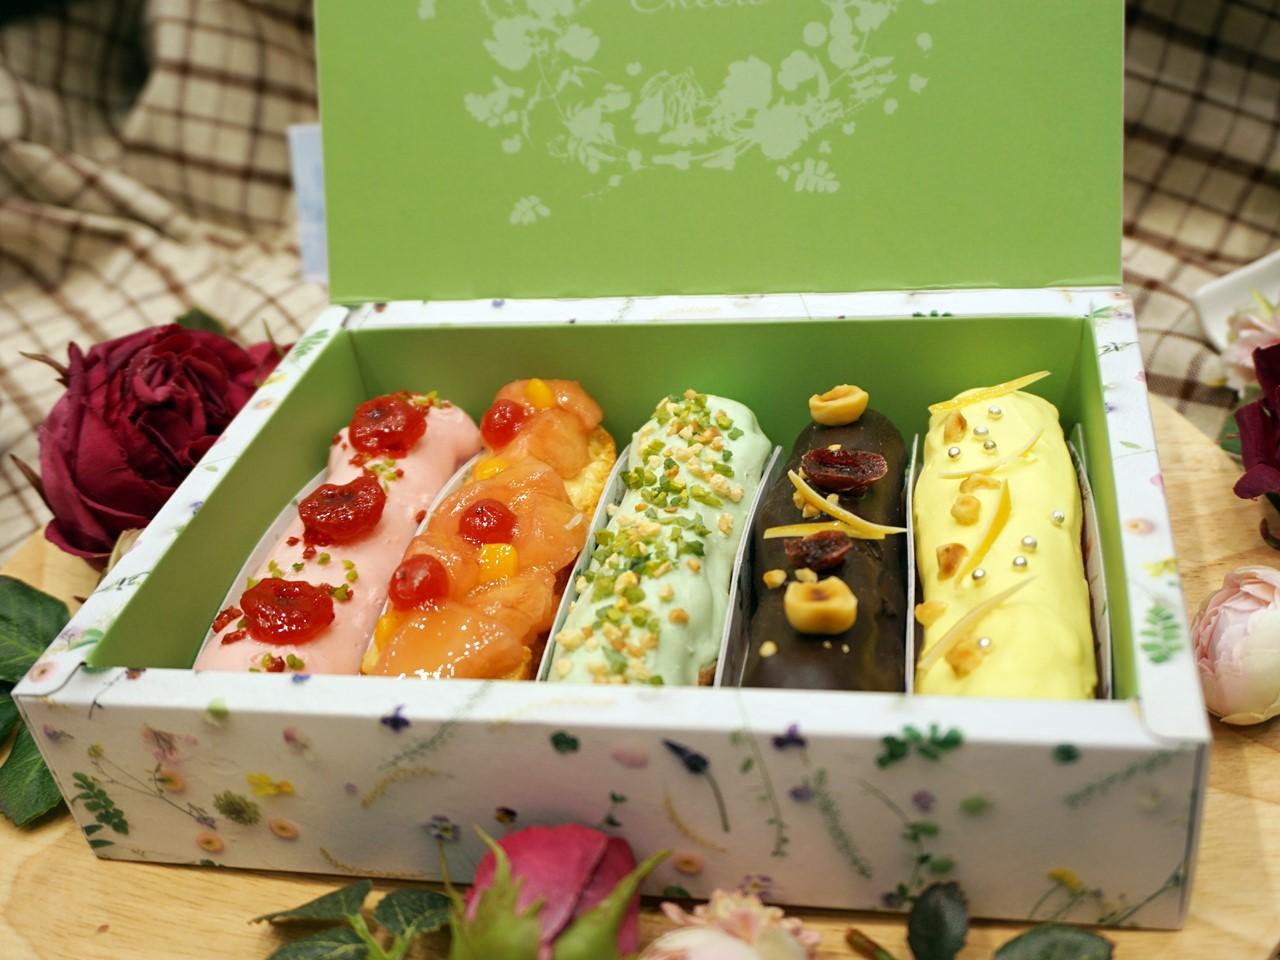 【日比谷花壇】ヒビヤカダンスイーツ「花咲くローズエクレア」